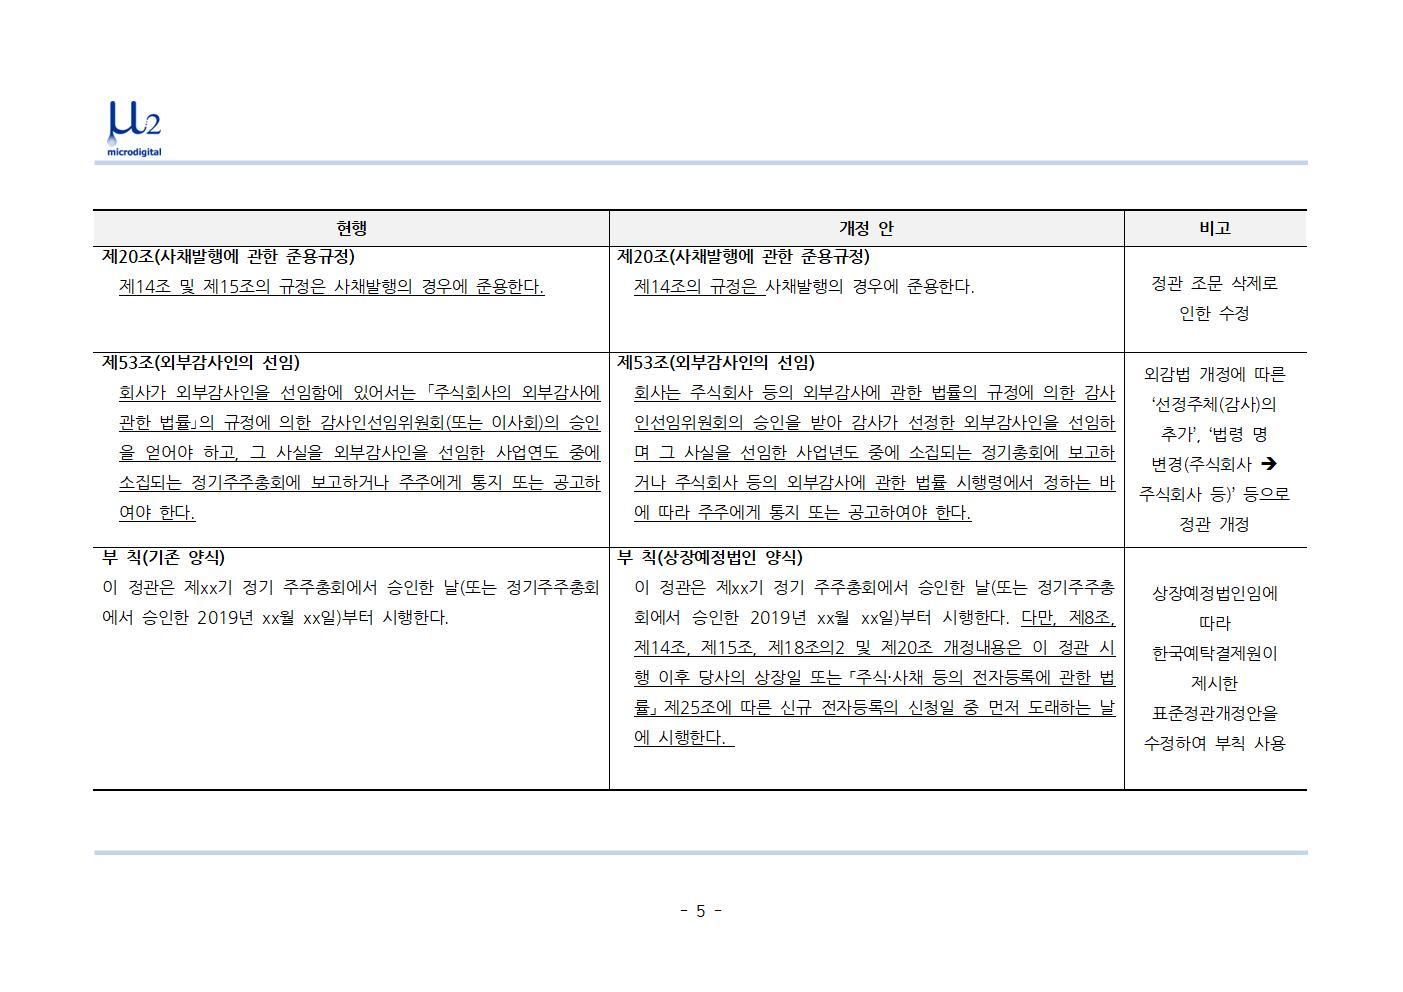 03_정기주주총회_공고문_감사005.jpg